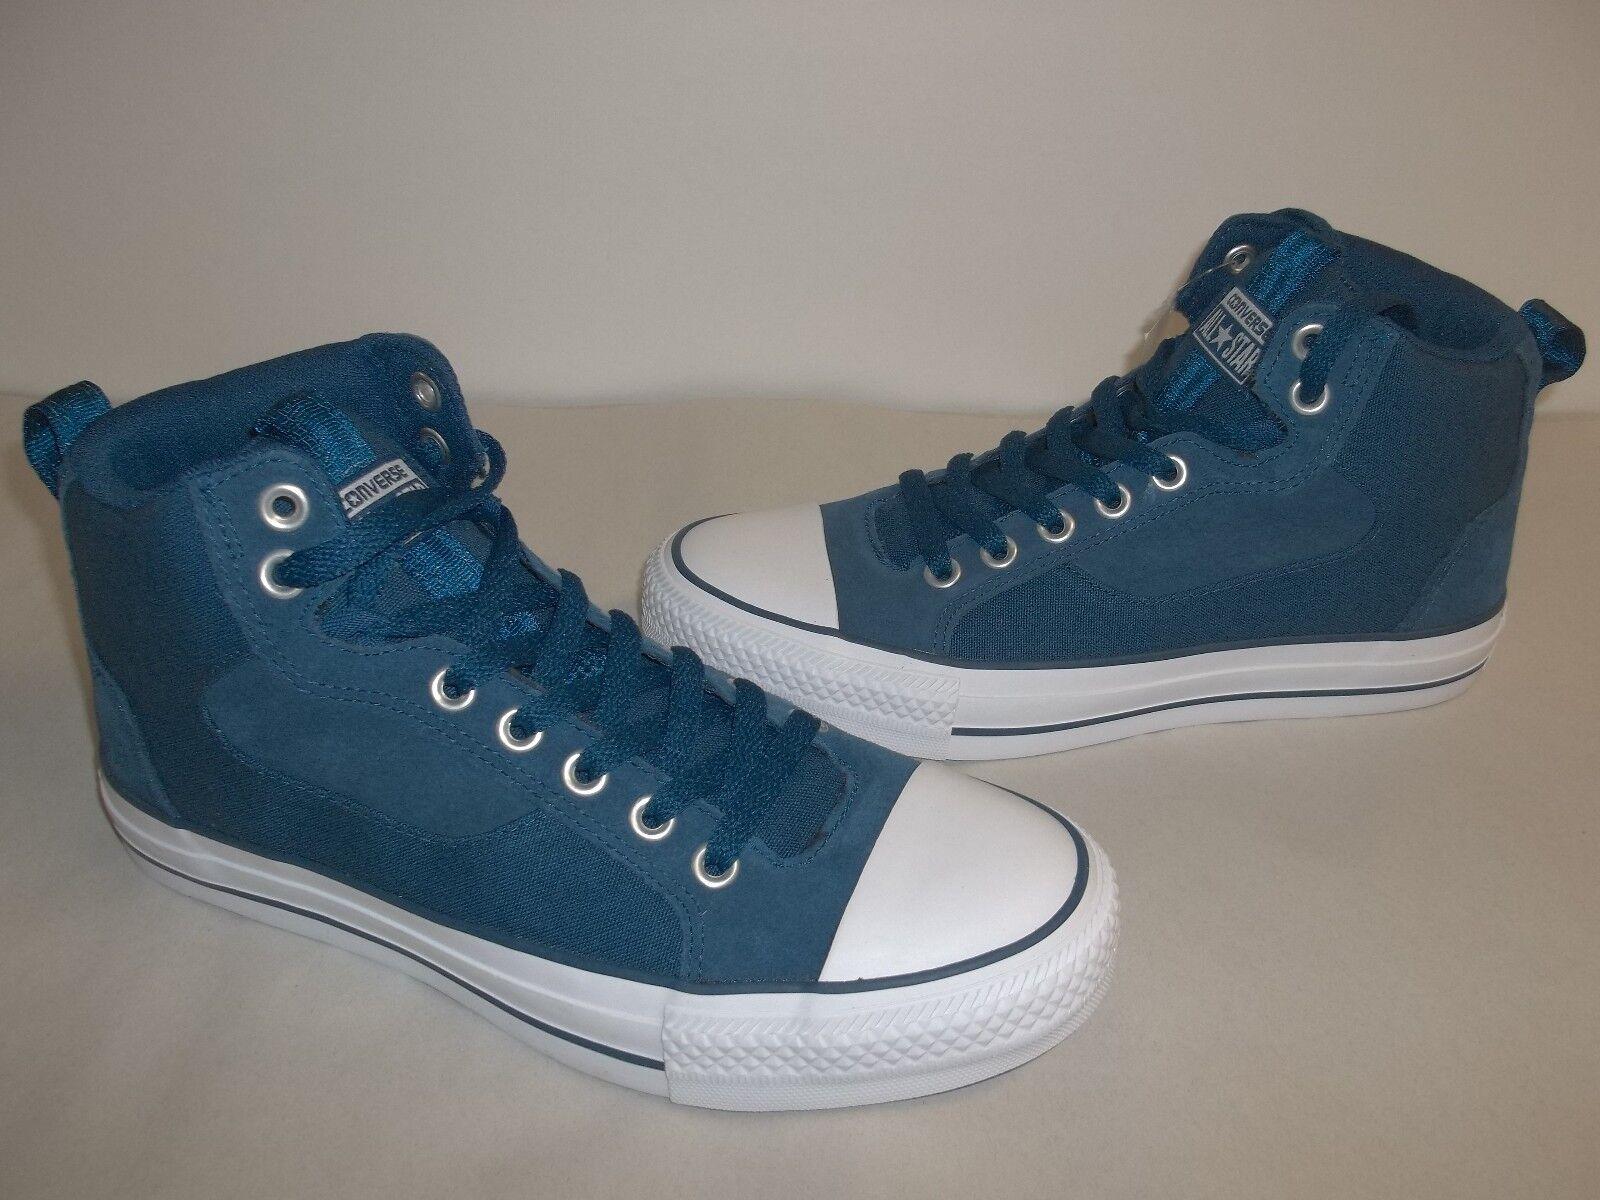 Converse Size 8 Mens 9.5 Womens M Ct Asylum Mid Blue SNEAKERS Unisex Shoes  for sale online  5e742c4cf